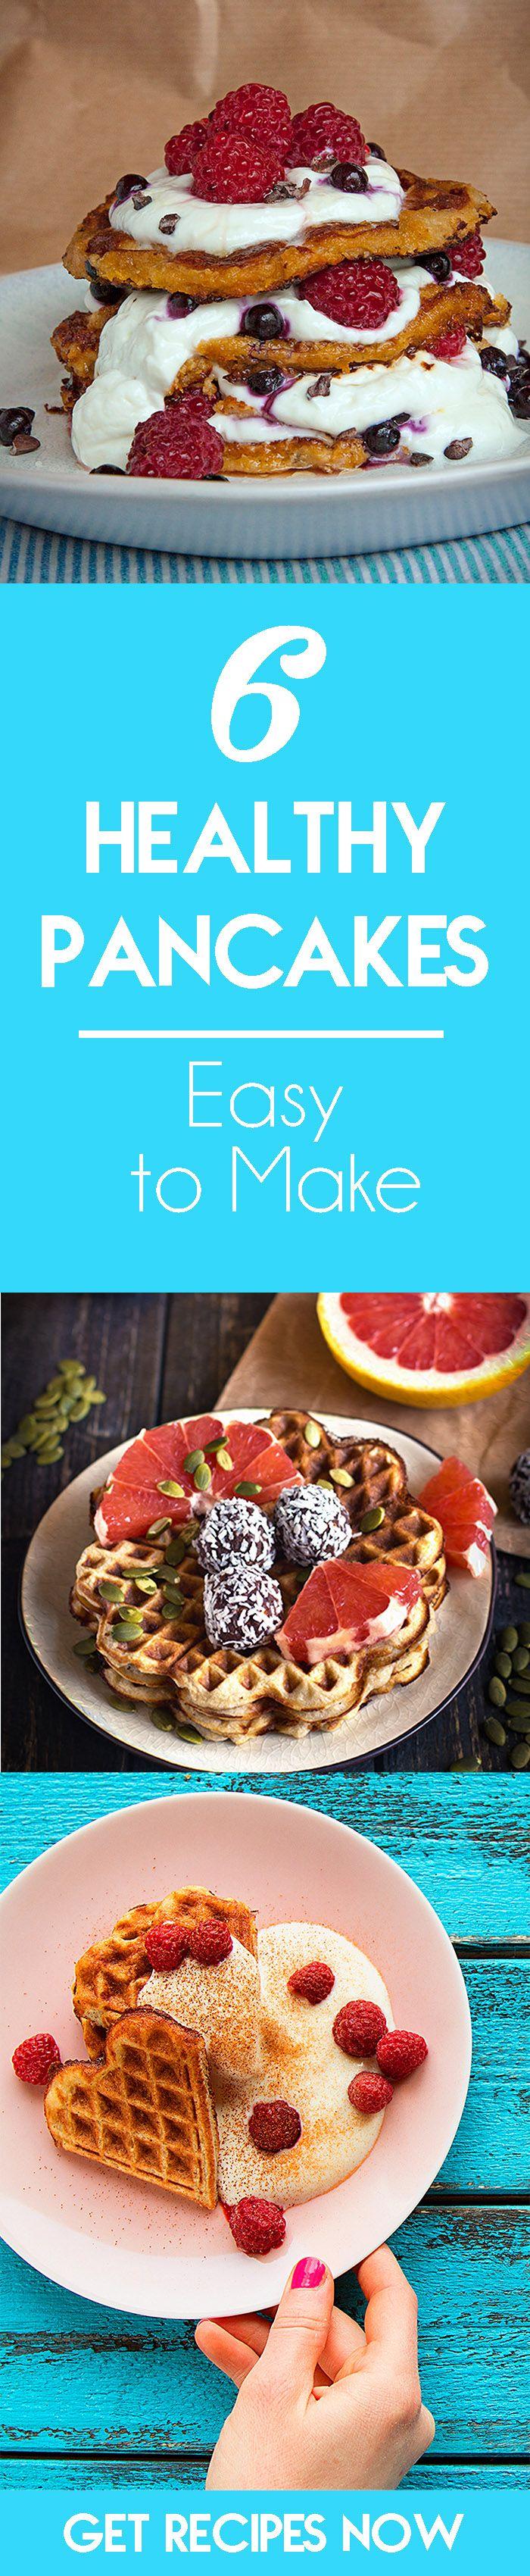 6 Pancake Recipes - Easy, Delicious & Healthy - HappyHealthyHunters